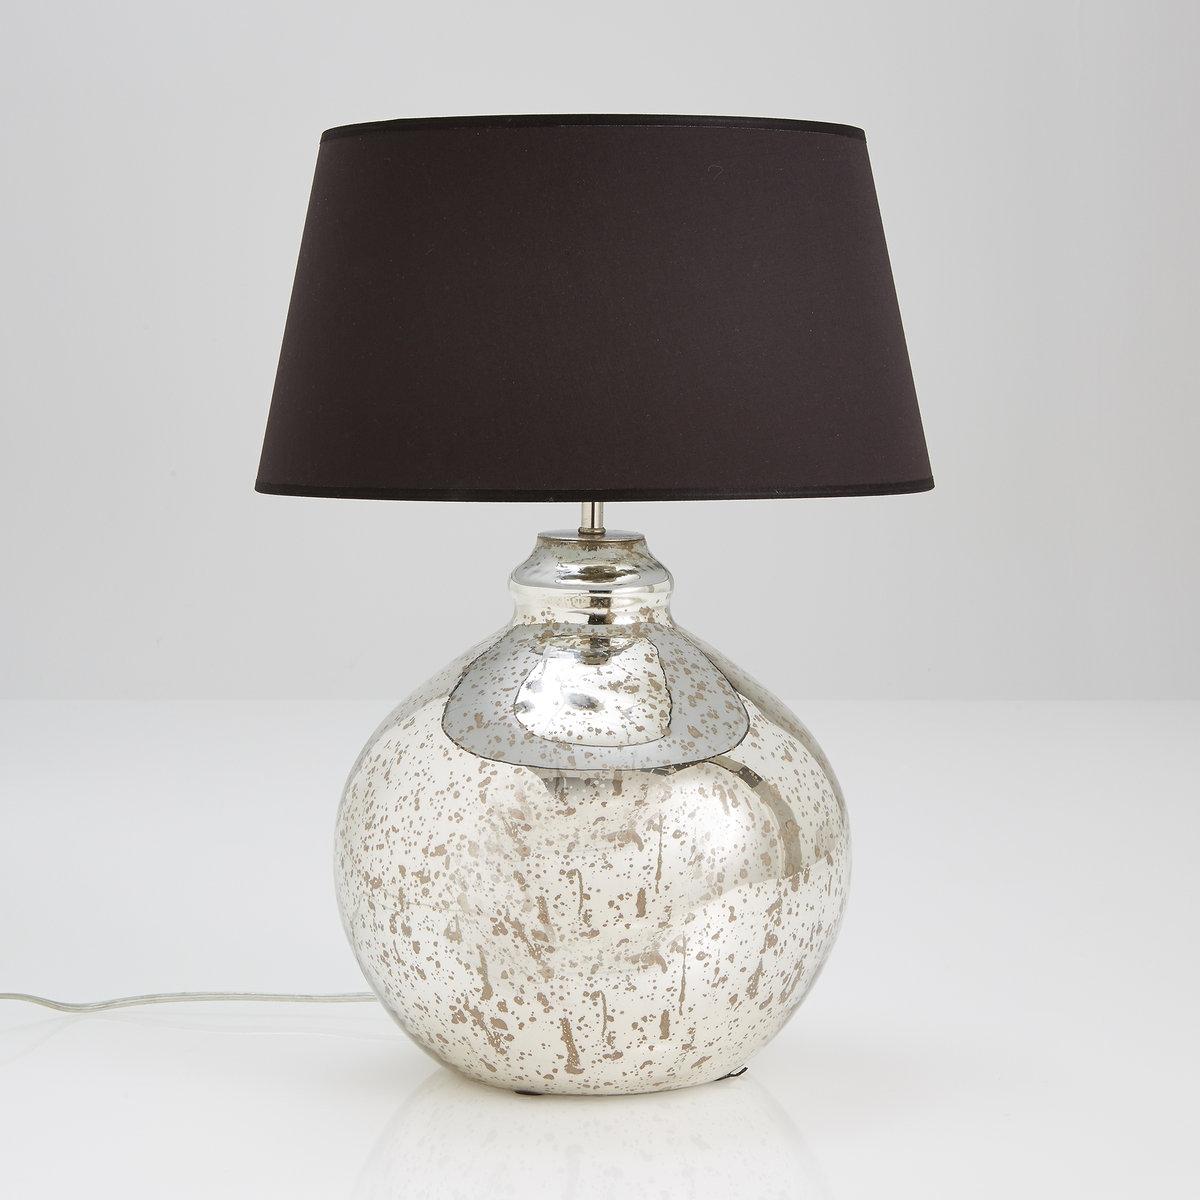 Ножка лампы из ртутного стекла  EldaНожка лампы из ртутного стекла  Elda  : элегантный и не выходящий из моды стиль !Описание ножки лампы Elda :Патрон E27 для лампочки макс 60W (не входит в комплект)  Абажур продается на сайте Этот светильник совместим с лампочками    энергетического класса   : A-B-C-D-E Характеристики ножки лампы Elda :Ртутное стеклоНайдите нашу коллекцию светильников на сайте laredoute.ru.Размер светильника  Elda   :Высота : 40 смДиаметр 30 см<br><br>Цвет: серебристый